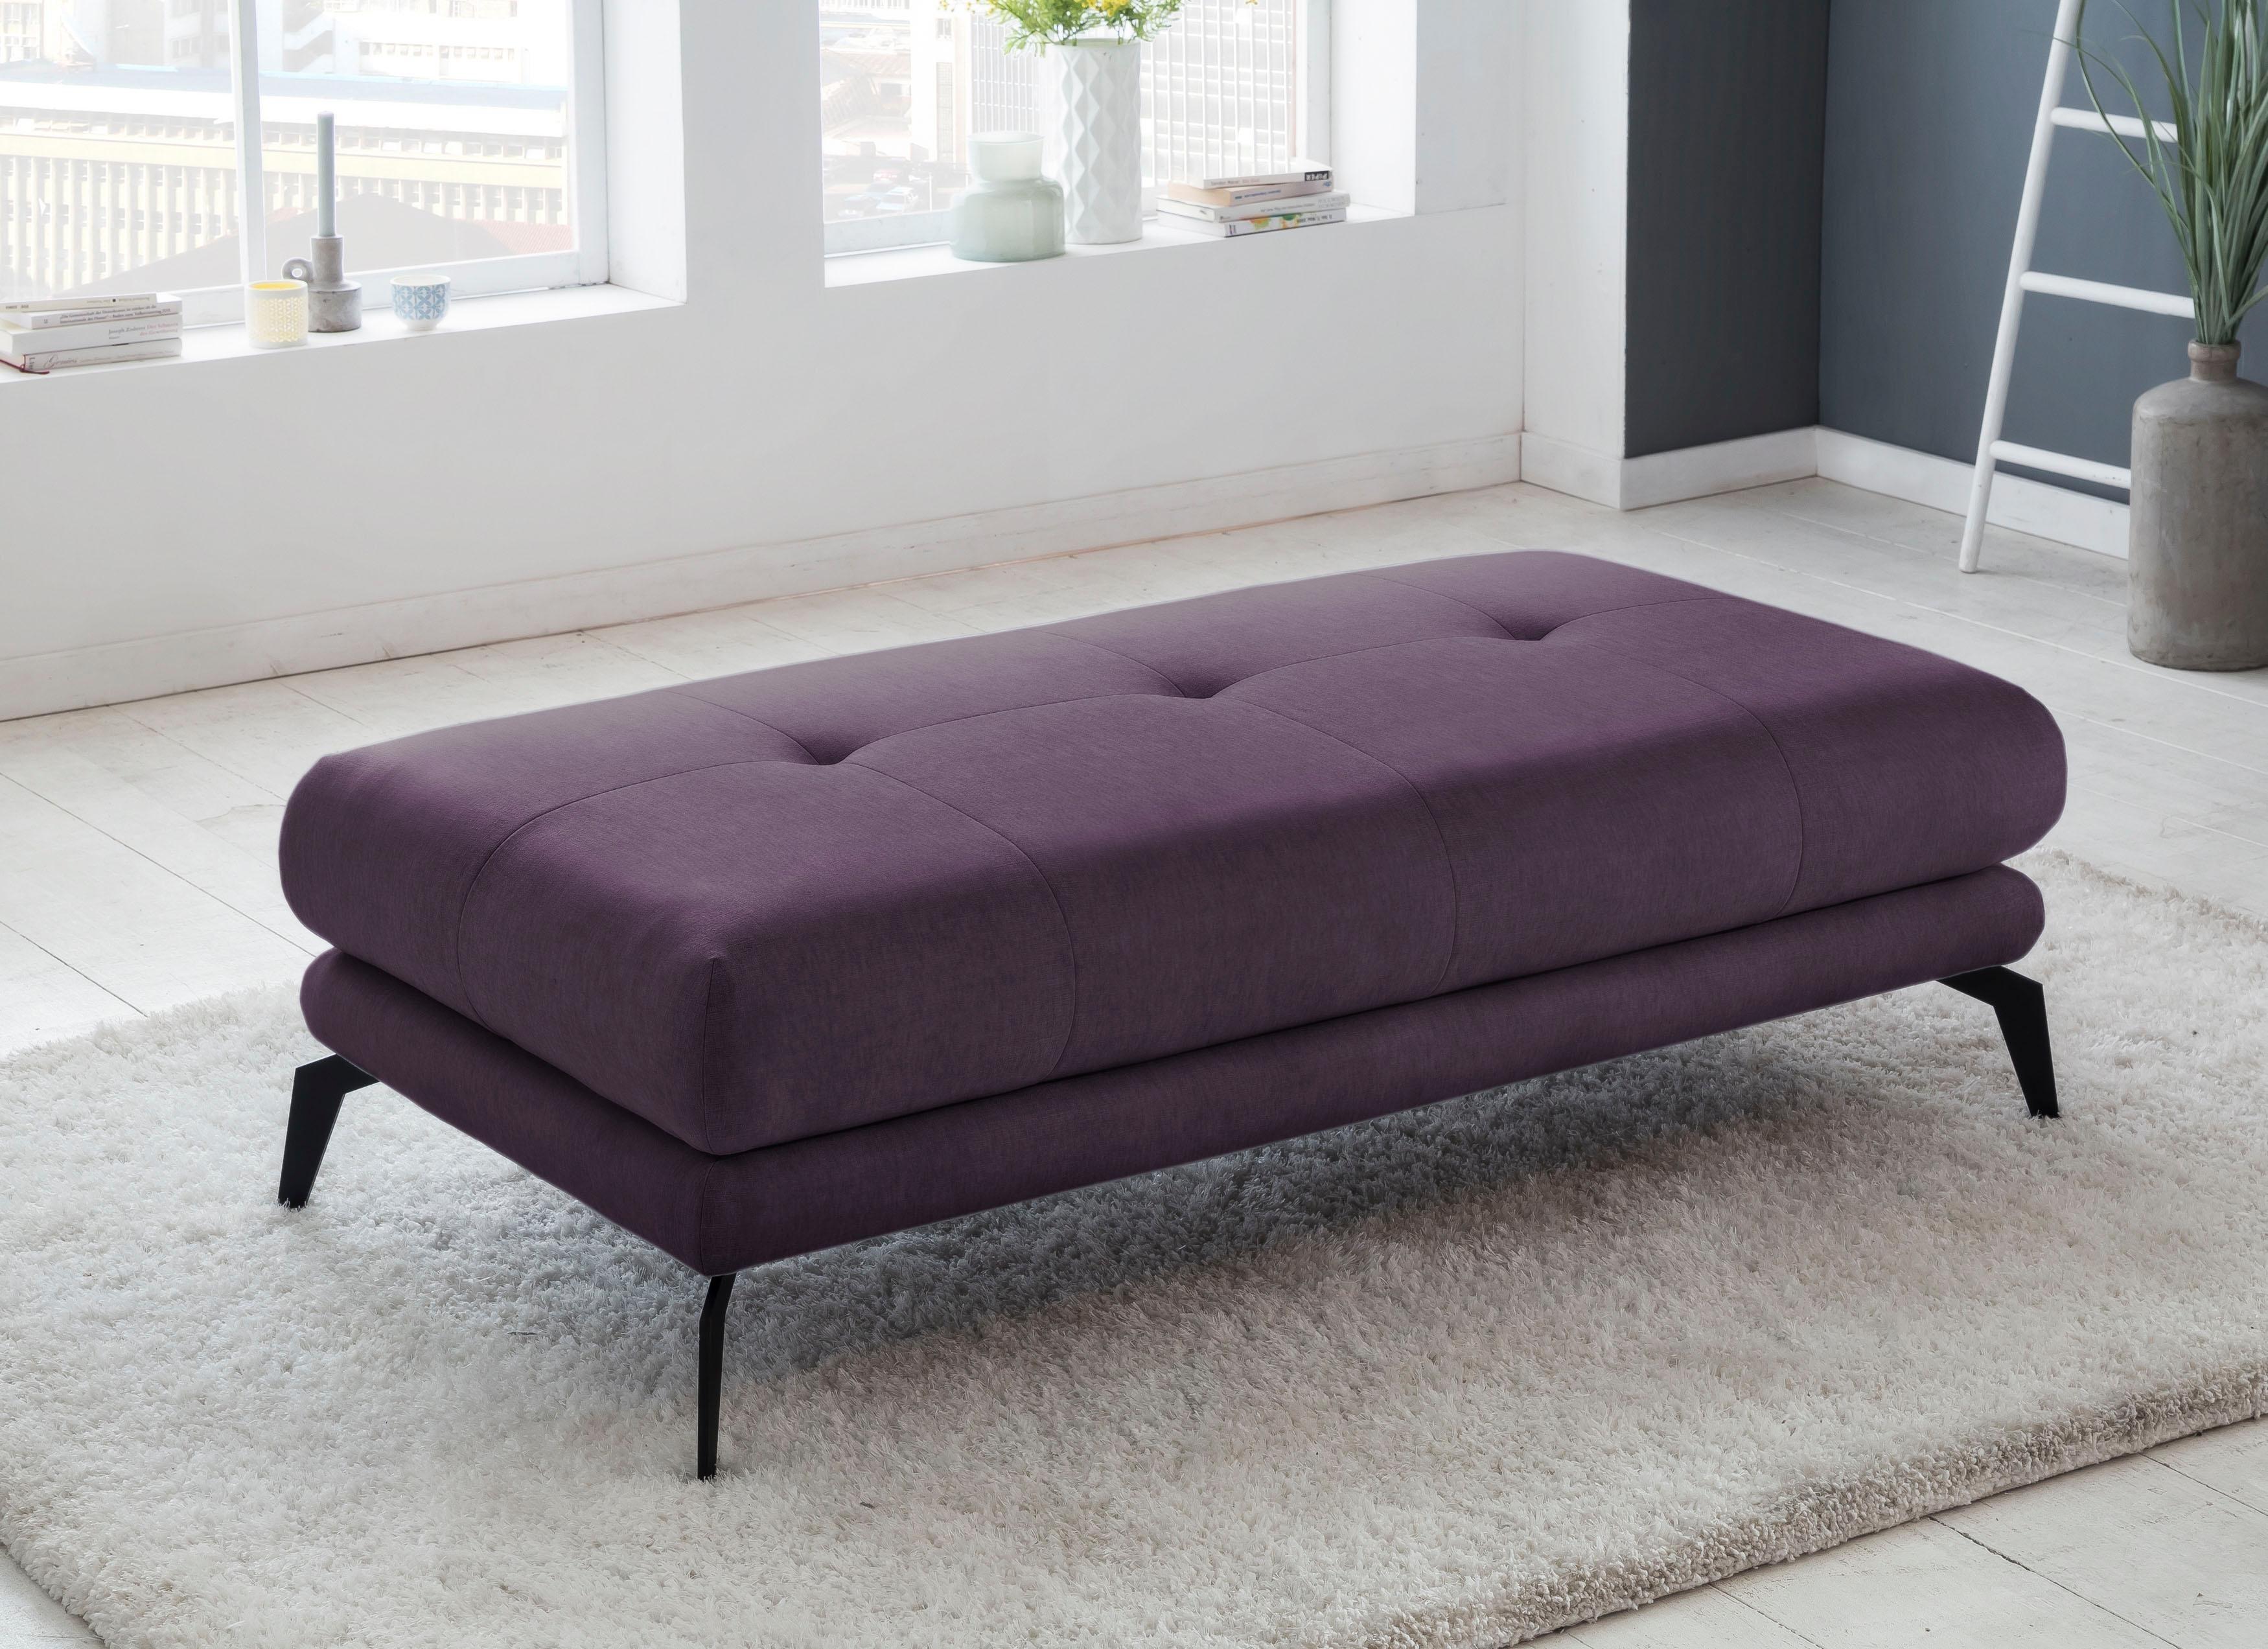 Wohnzimmer » Hocker & Poufs online kaufen | Möbel-Suchmaschine ...